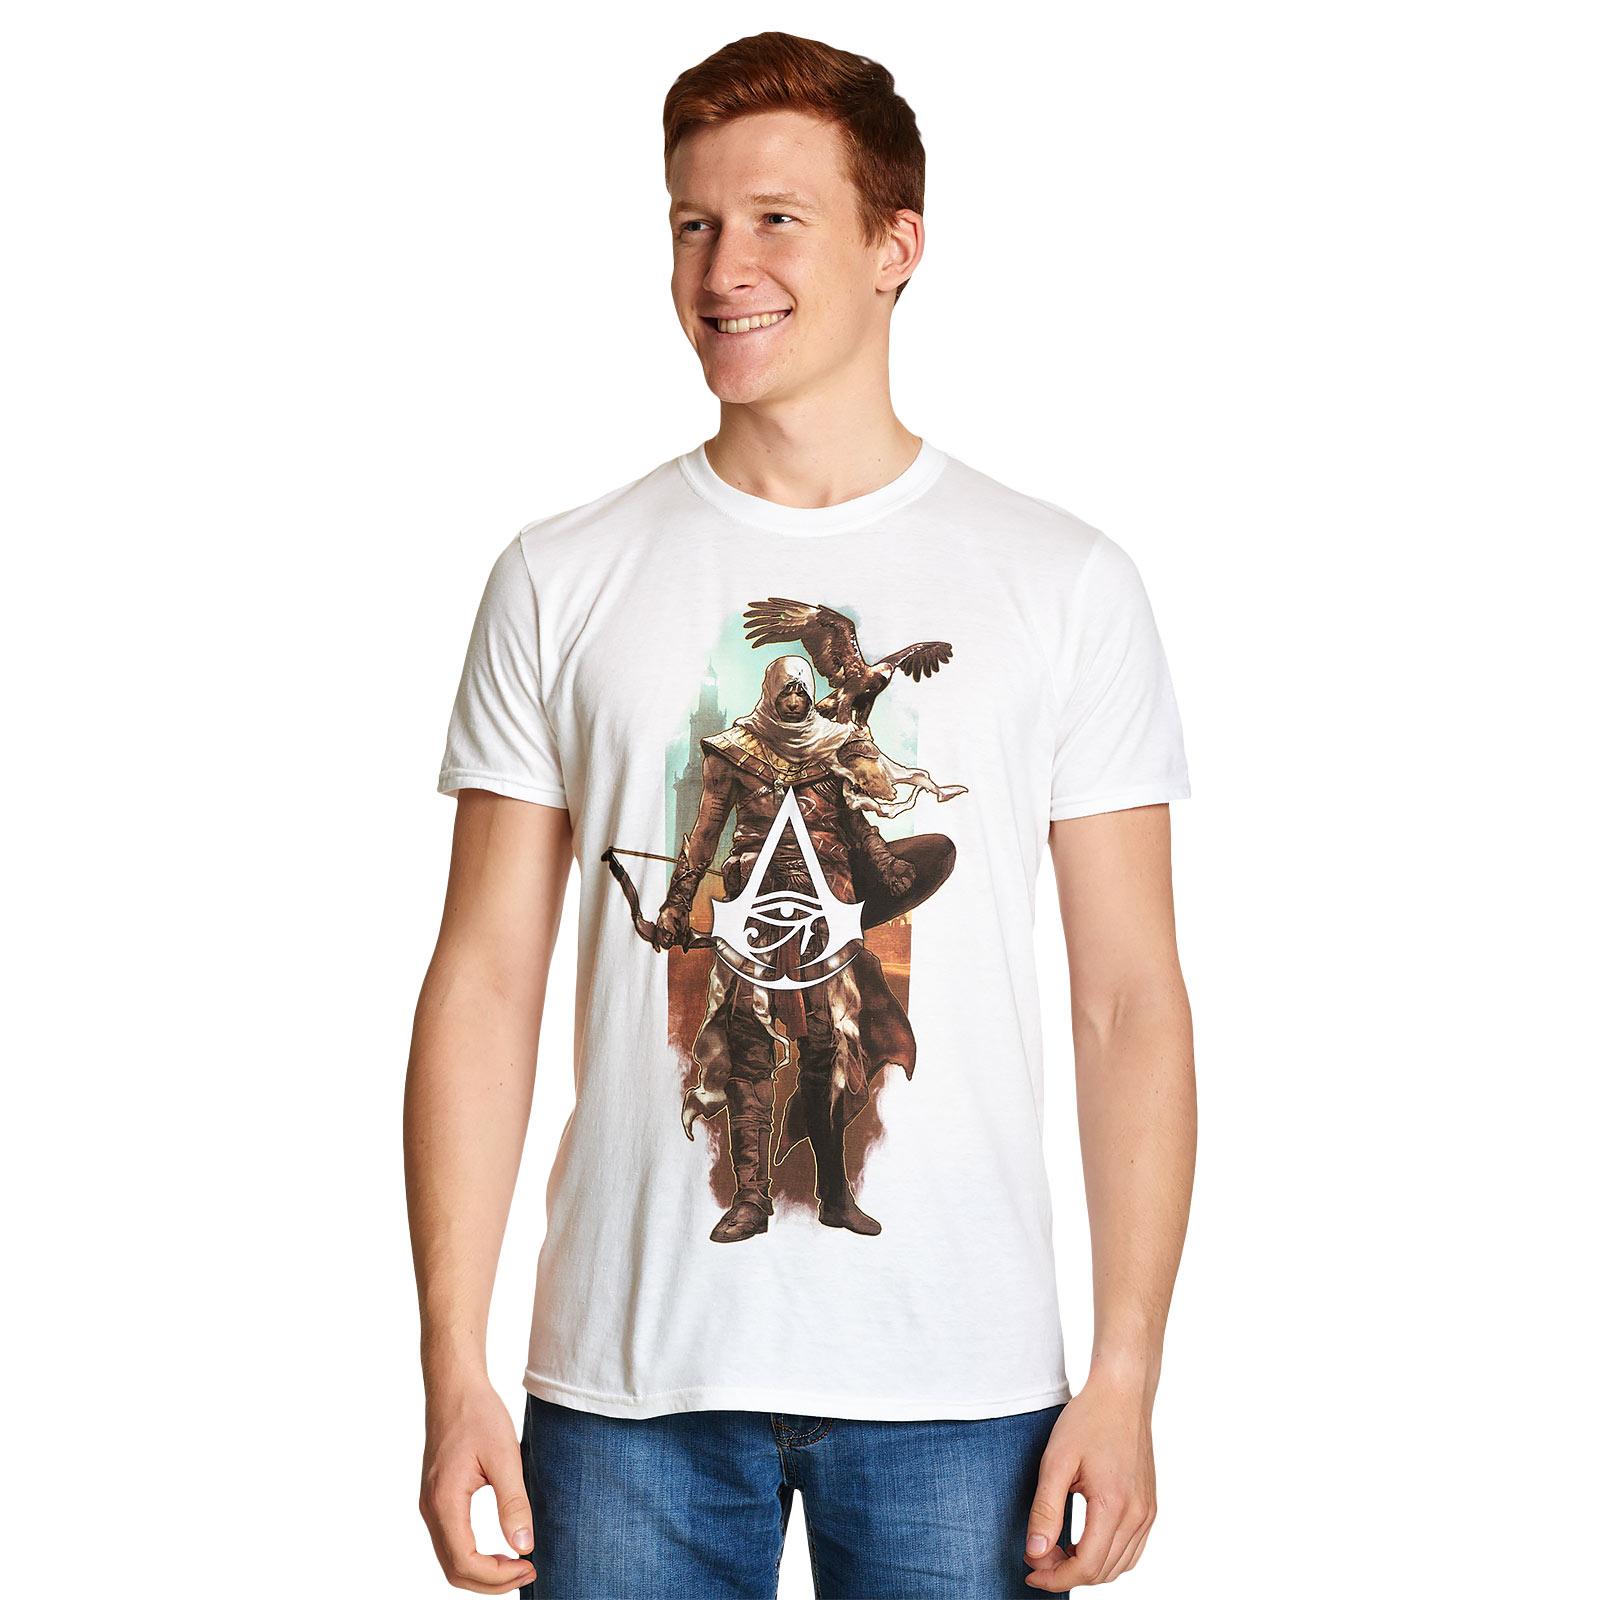 Assassins Creed - Bayek mit Senu T-Shirt weiß